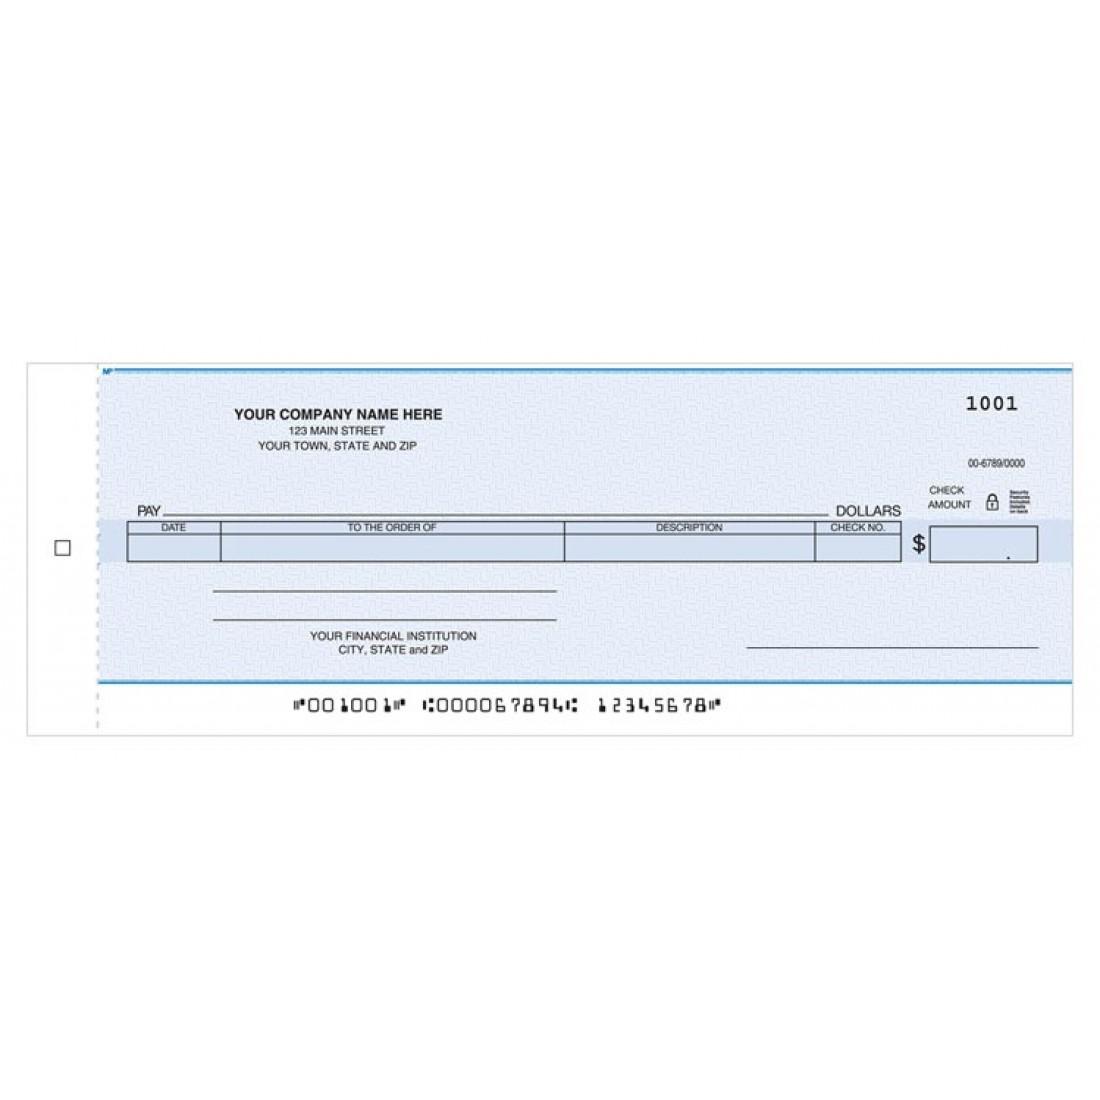 Cash Disbursement Center Check